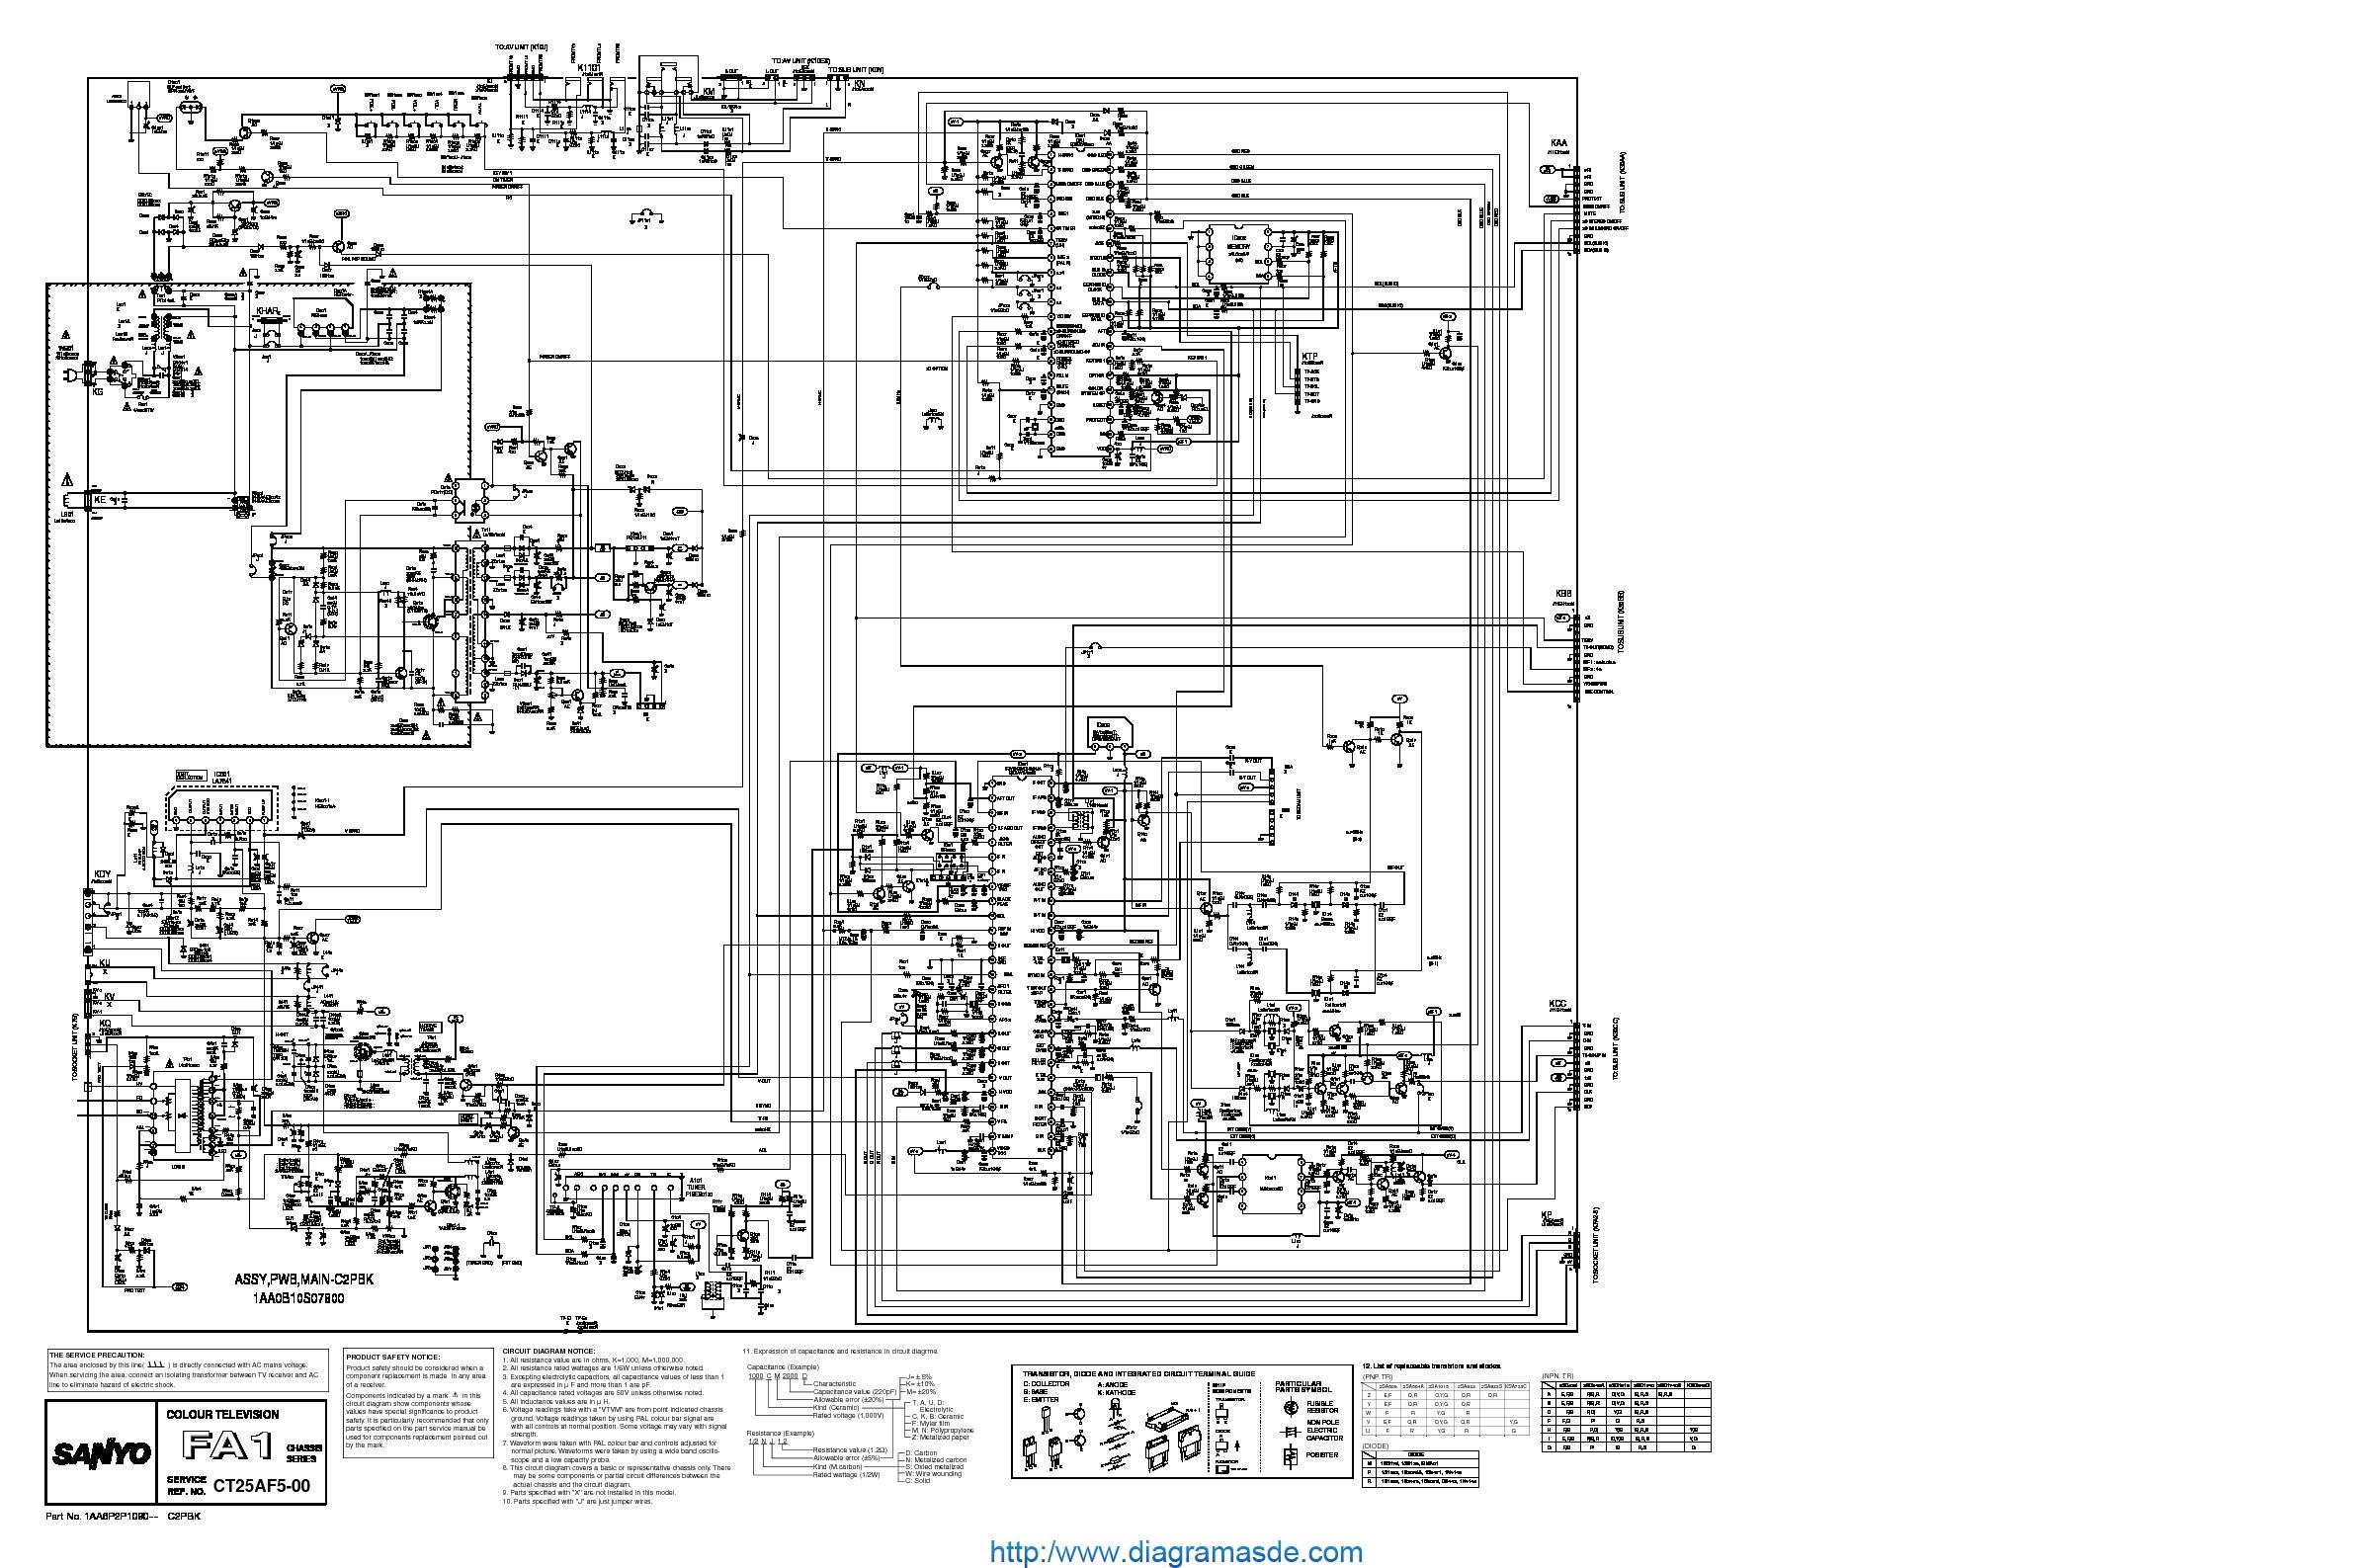 walkie talkie schemat filtr elektrodapl